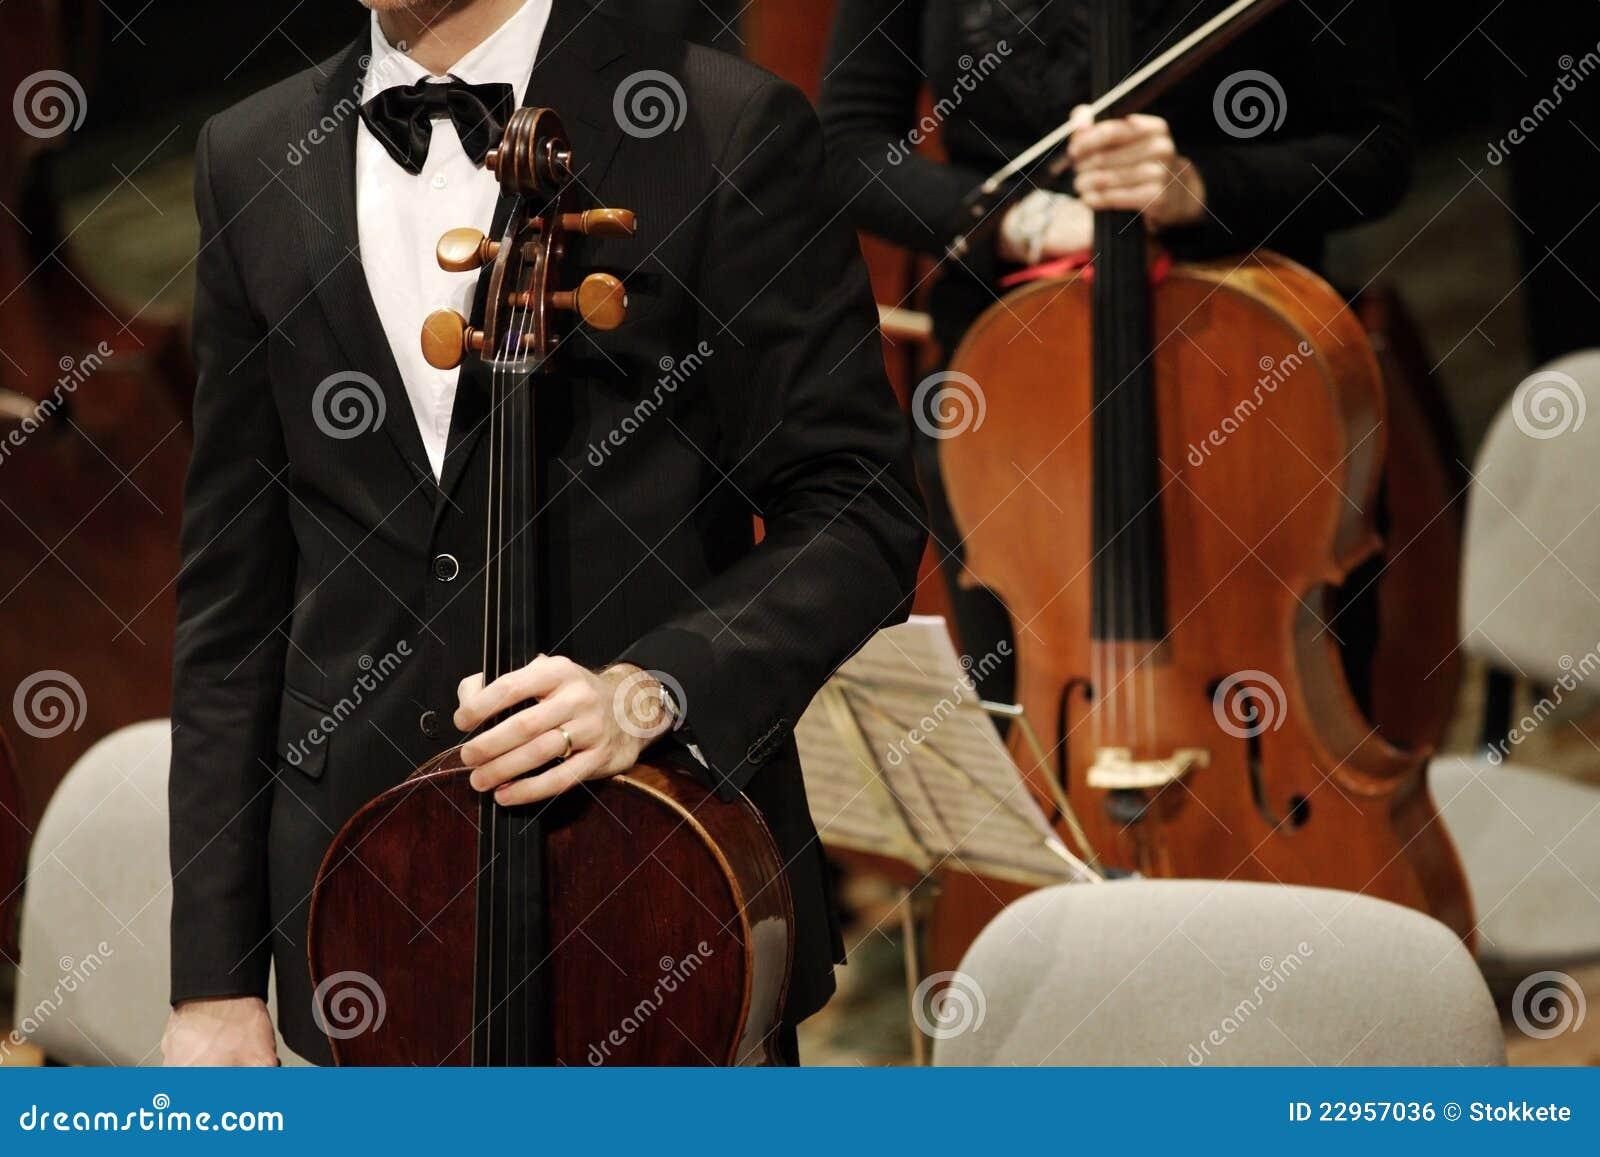 Música de concierto clásica